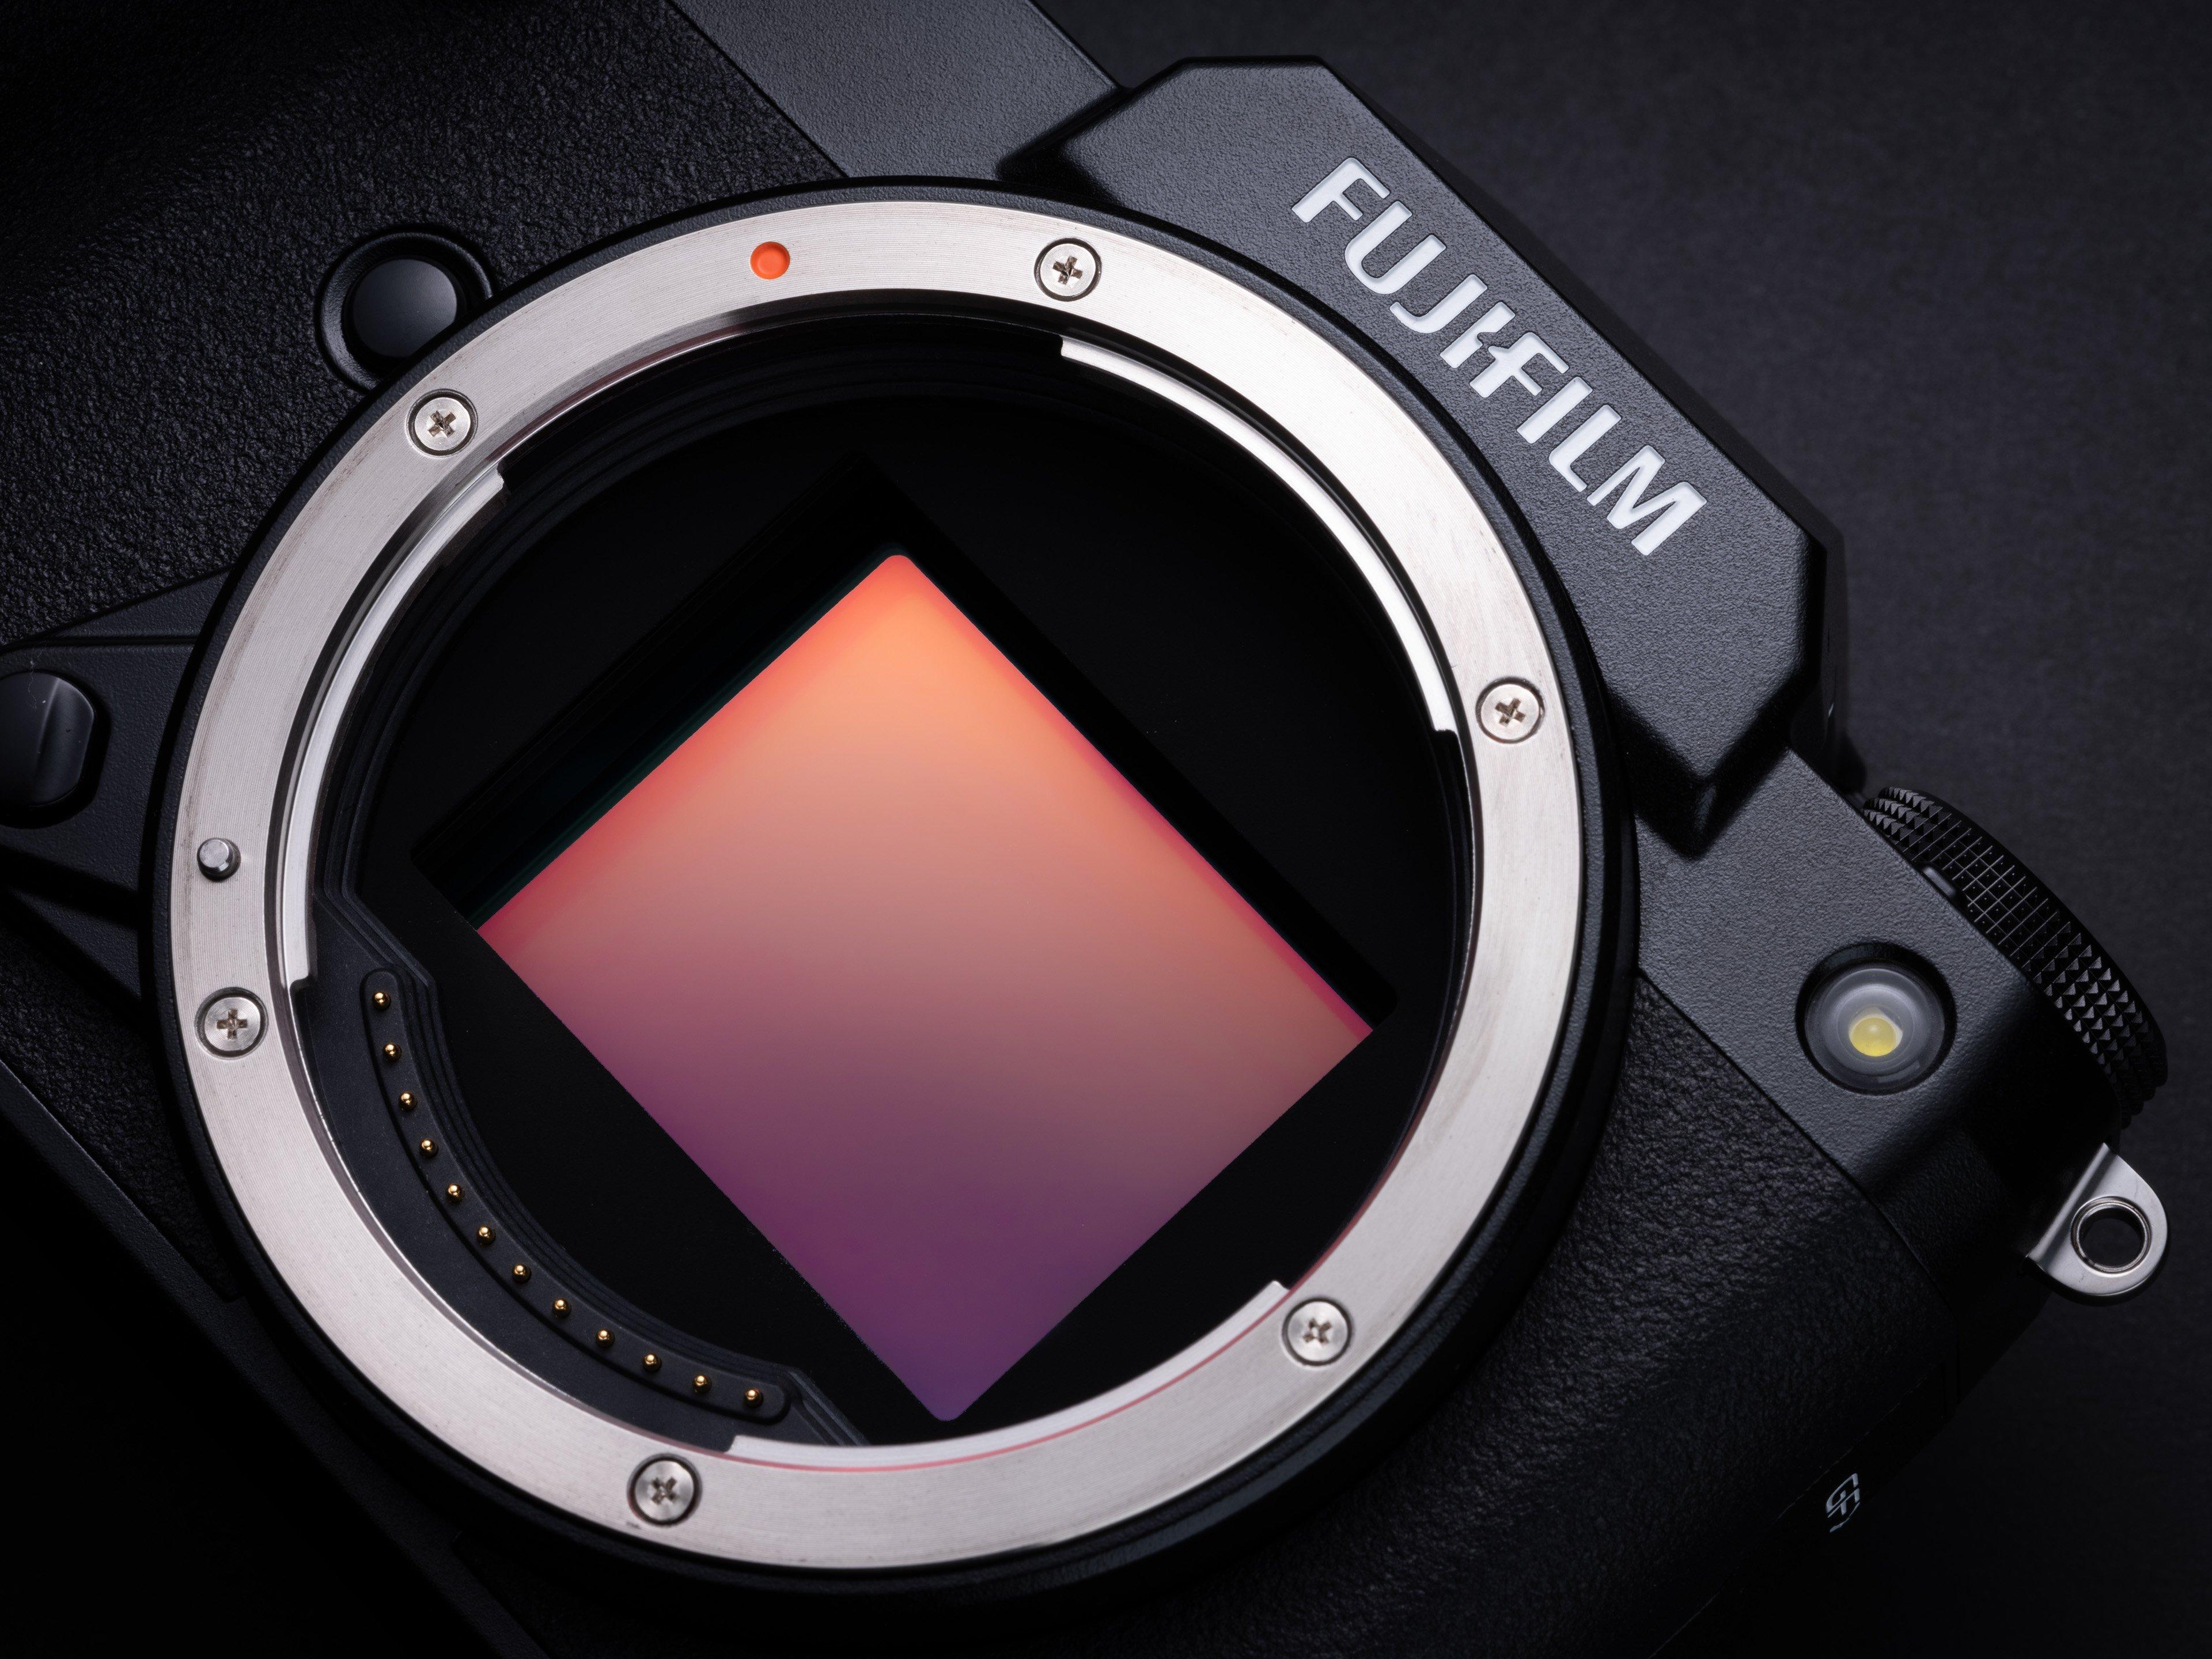 Fujifilm GFX 100S review so far